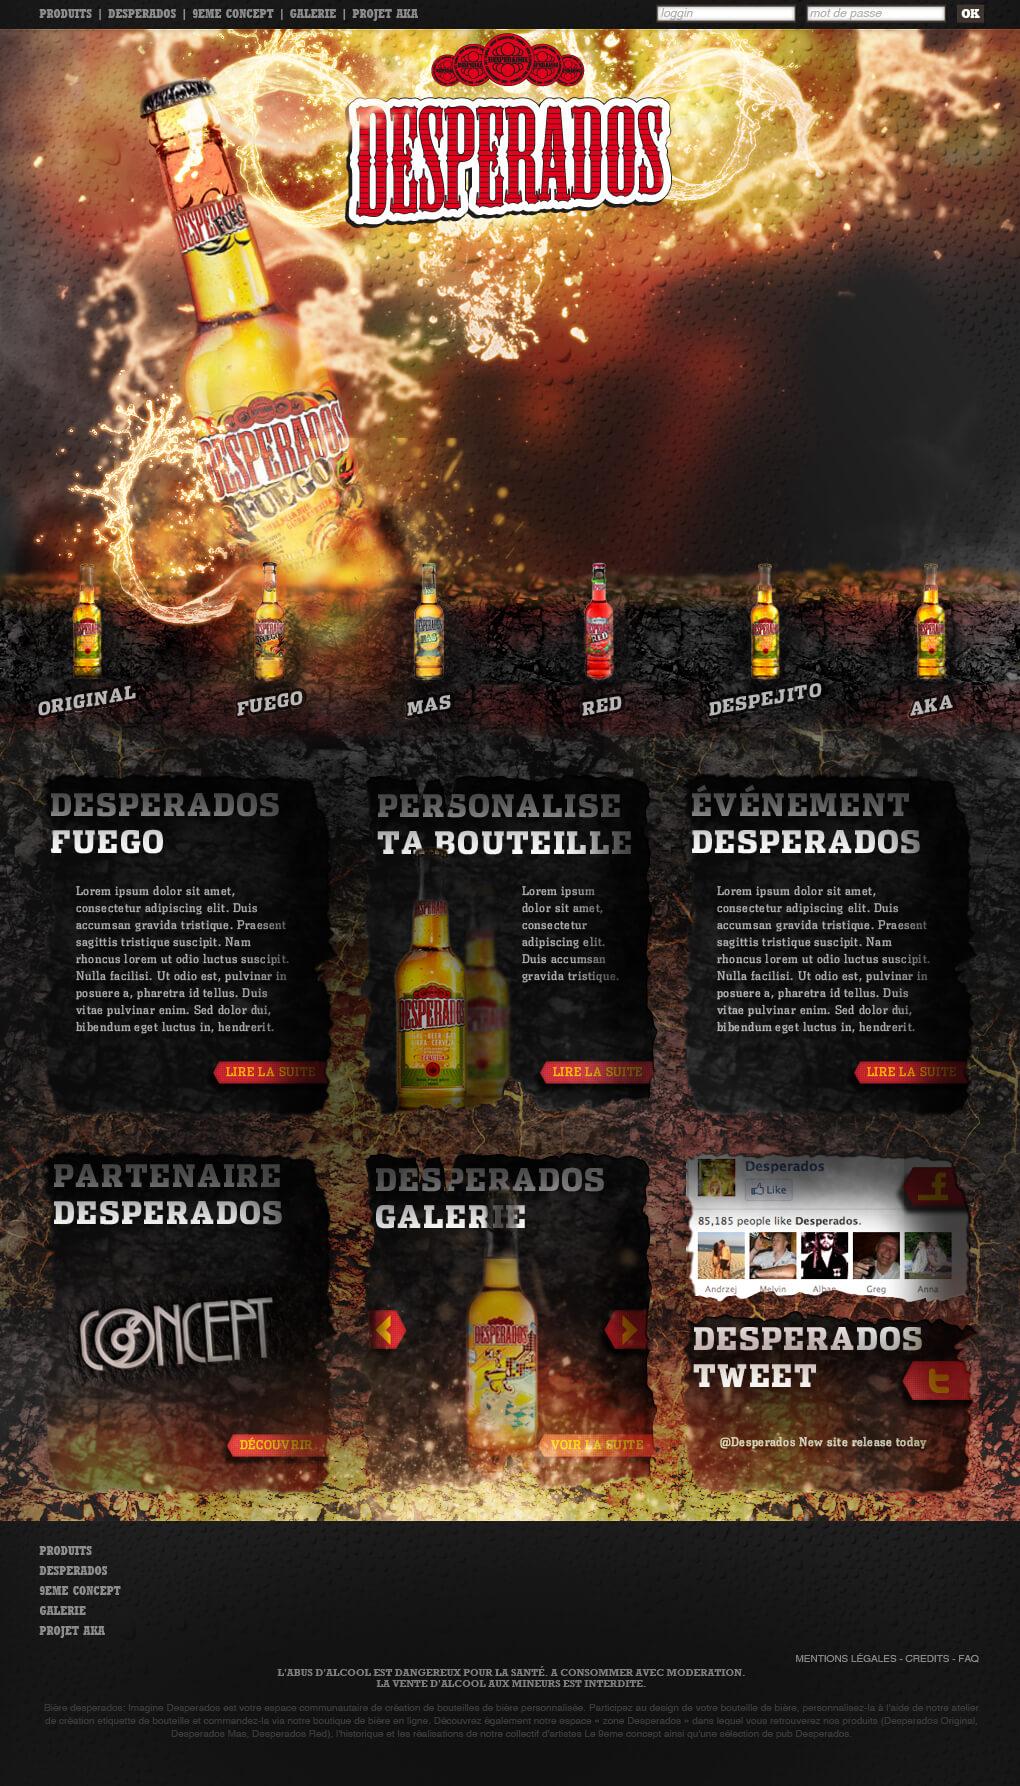 960_grid_4_col_Desperados_fuego